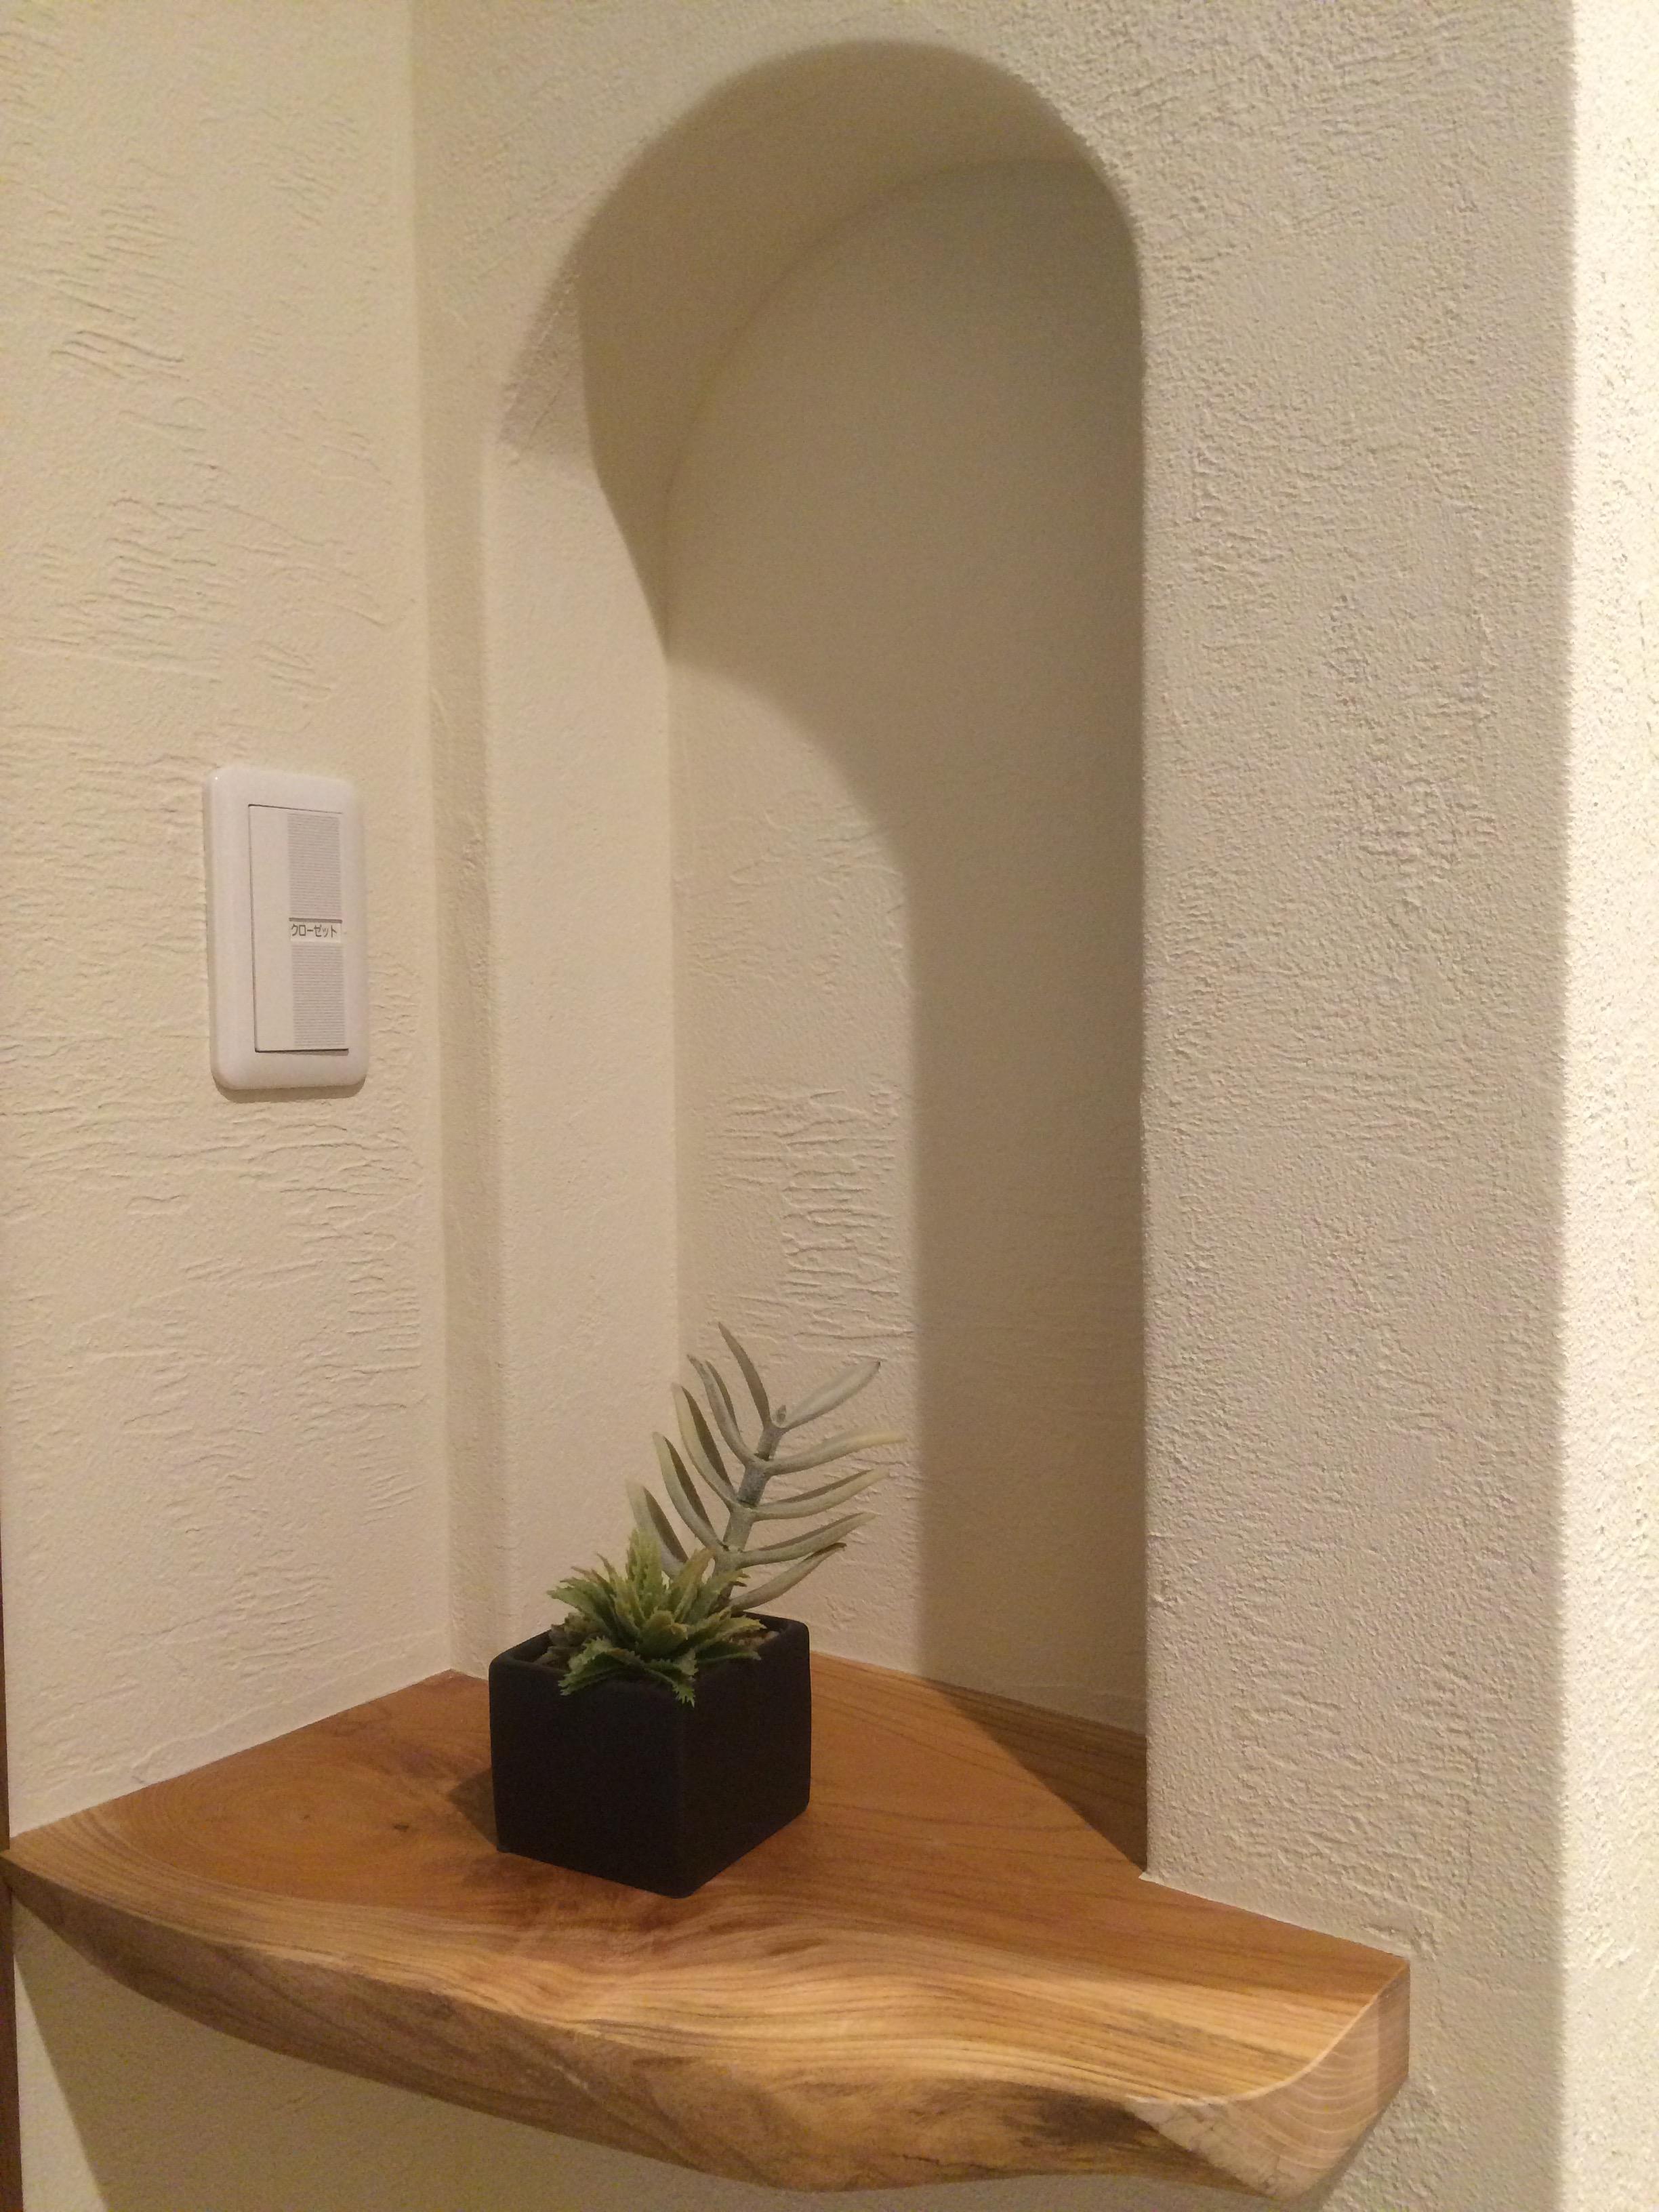 住まいるコーポレーション【子育て、自然素材、間取り】玄関正面の壁には、ケヤキのカウンター付きのニッチを設けて季節の小物や生花を飾り、ゲストを迎え入れる空間を華やかに演出